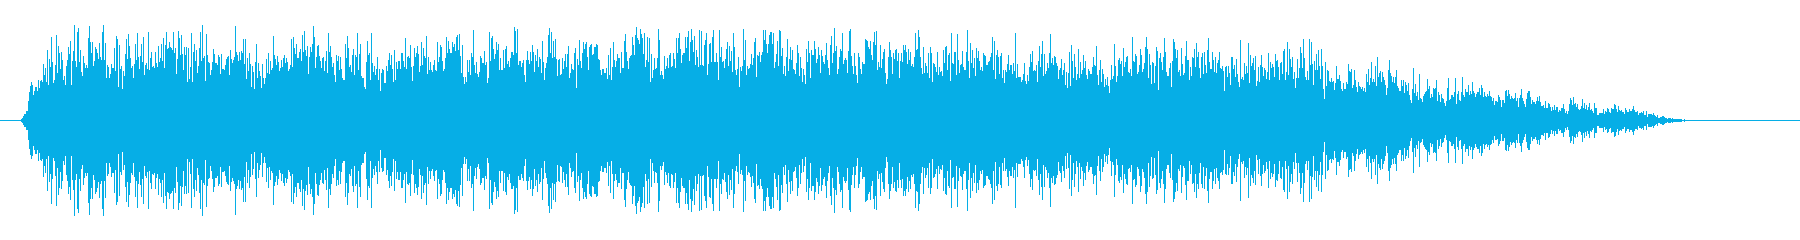 スパン(スネアドラム単発)の再生済みの波形